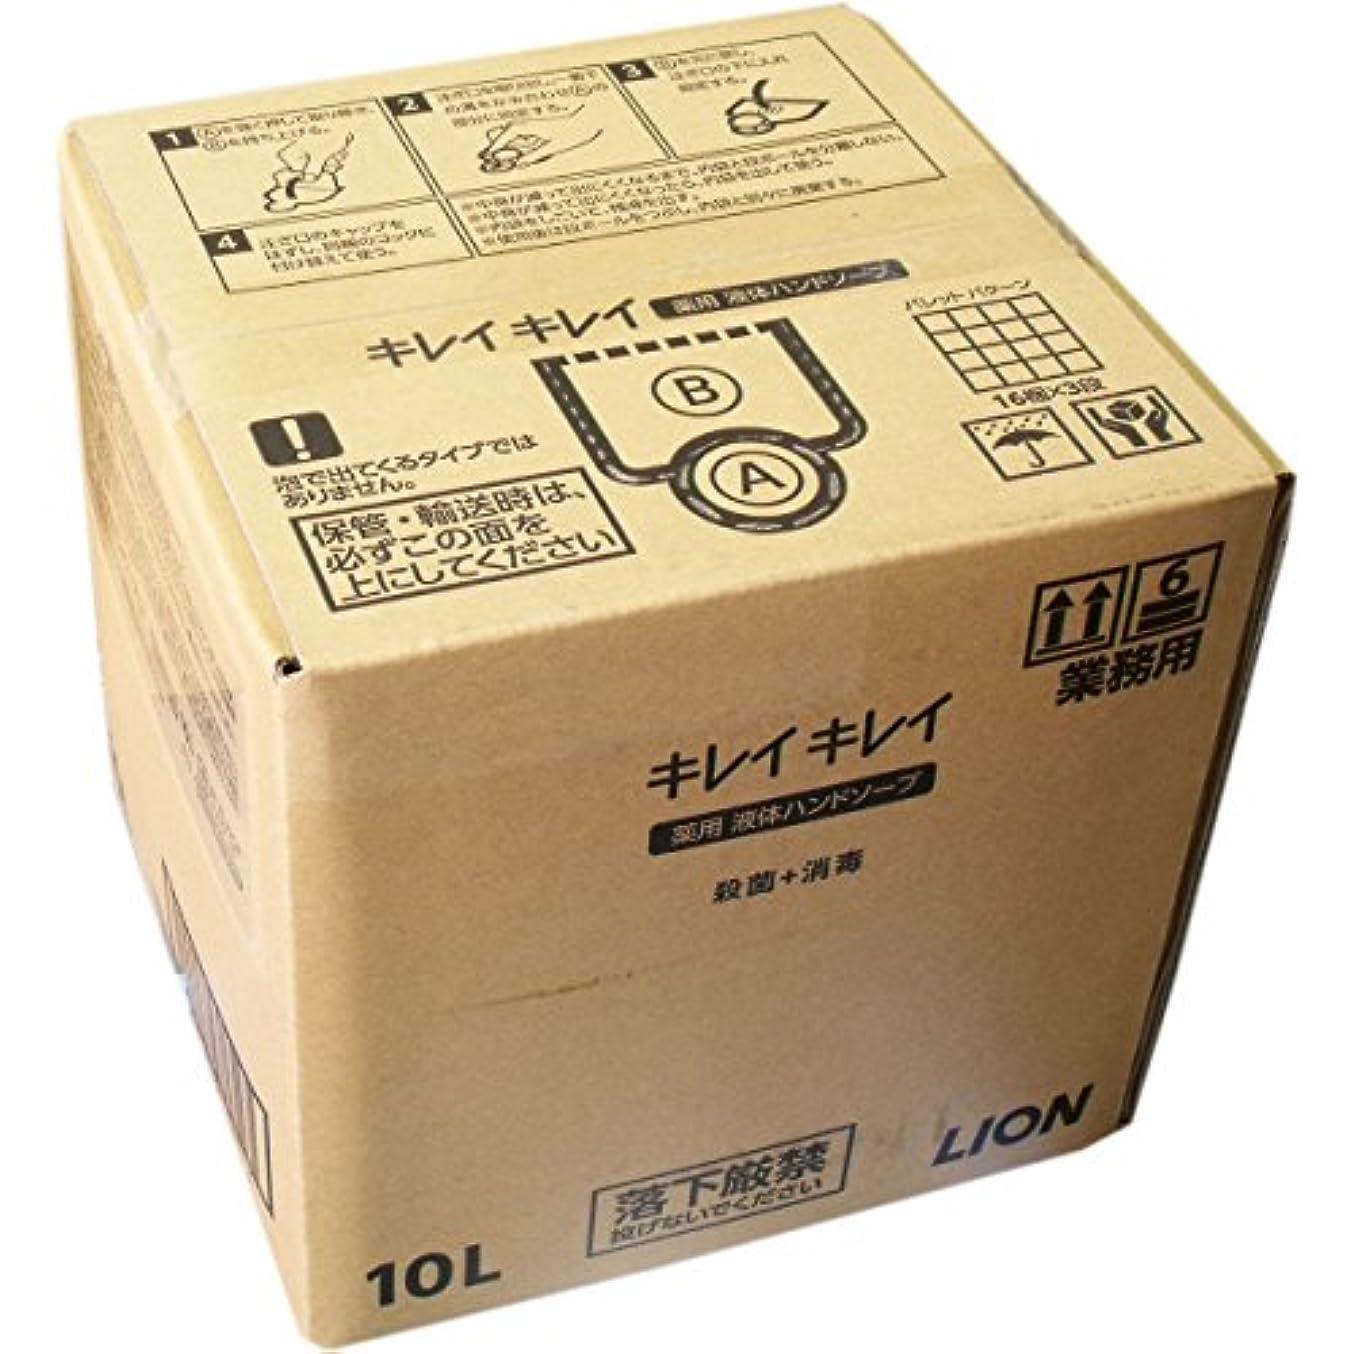 防止幸運なことに遺体安置所ライオン 業務用キレイキレイ 薬用ハンドソープ 10L